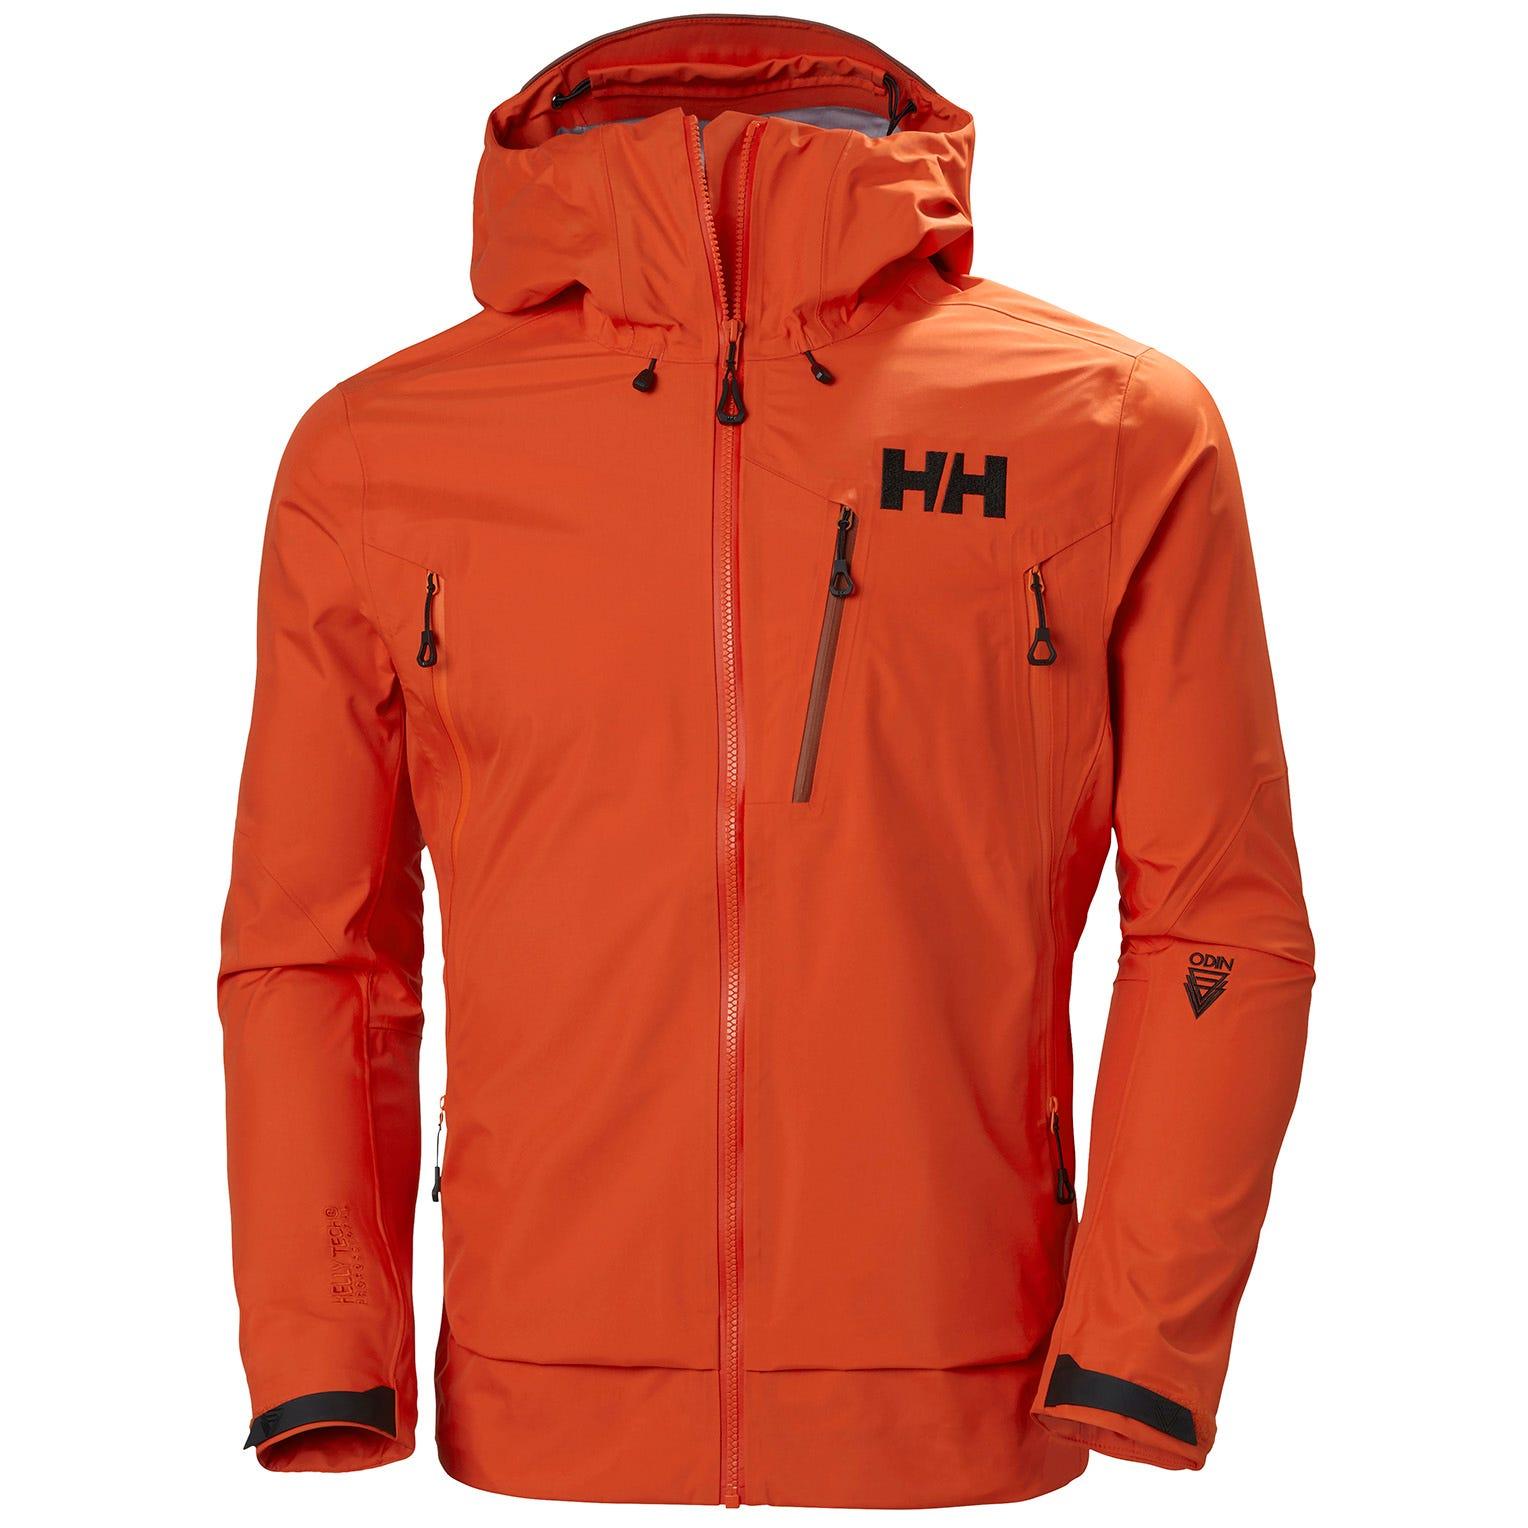 Helly Hansen Mens Odin 9 Worlds 2.0 Hiking Jacket XL